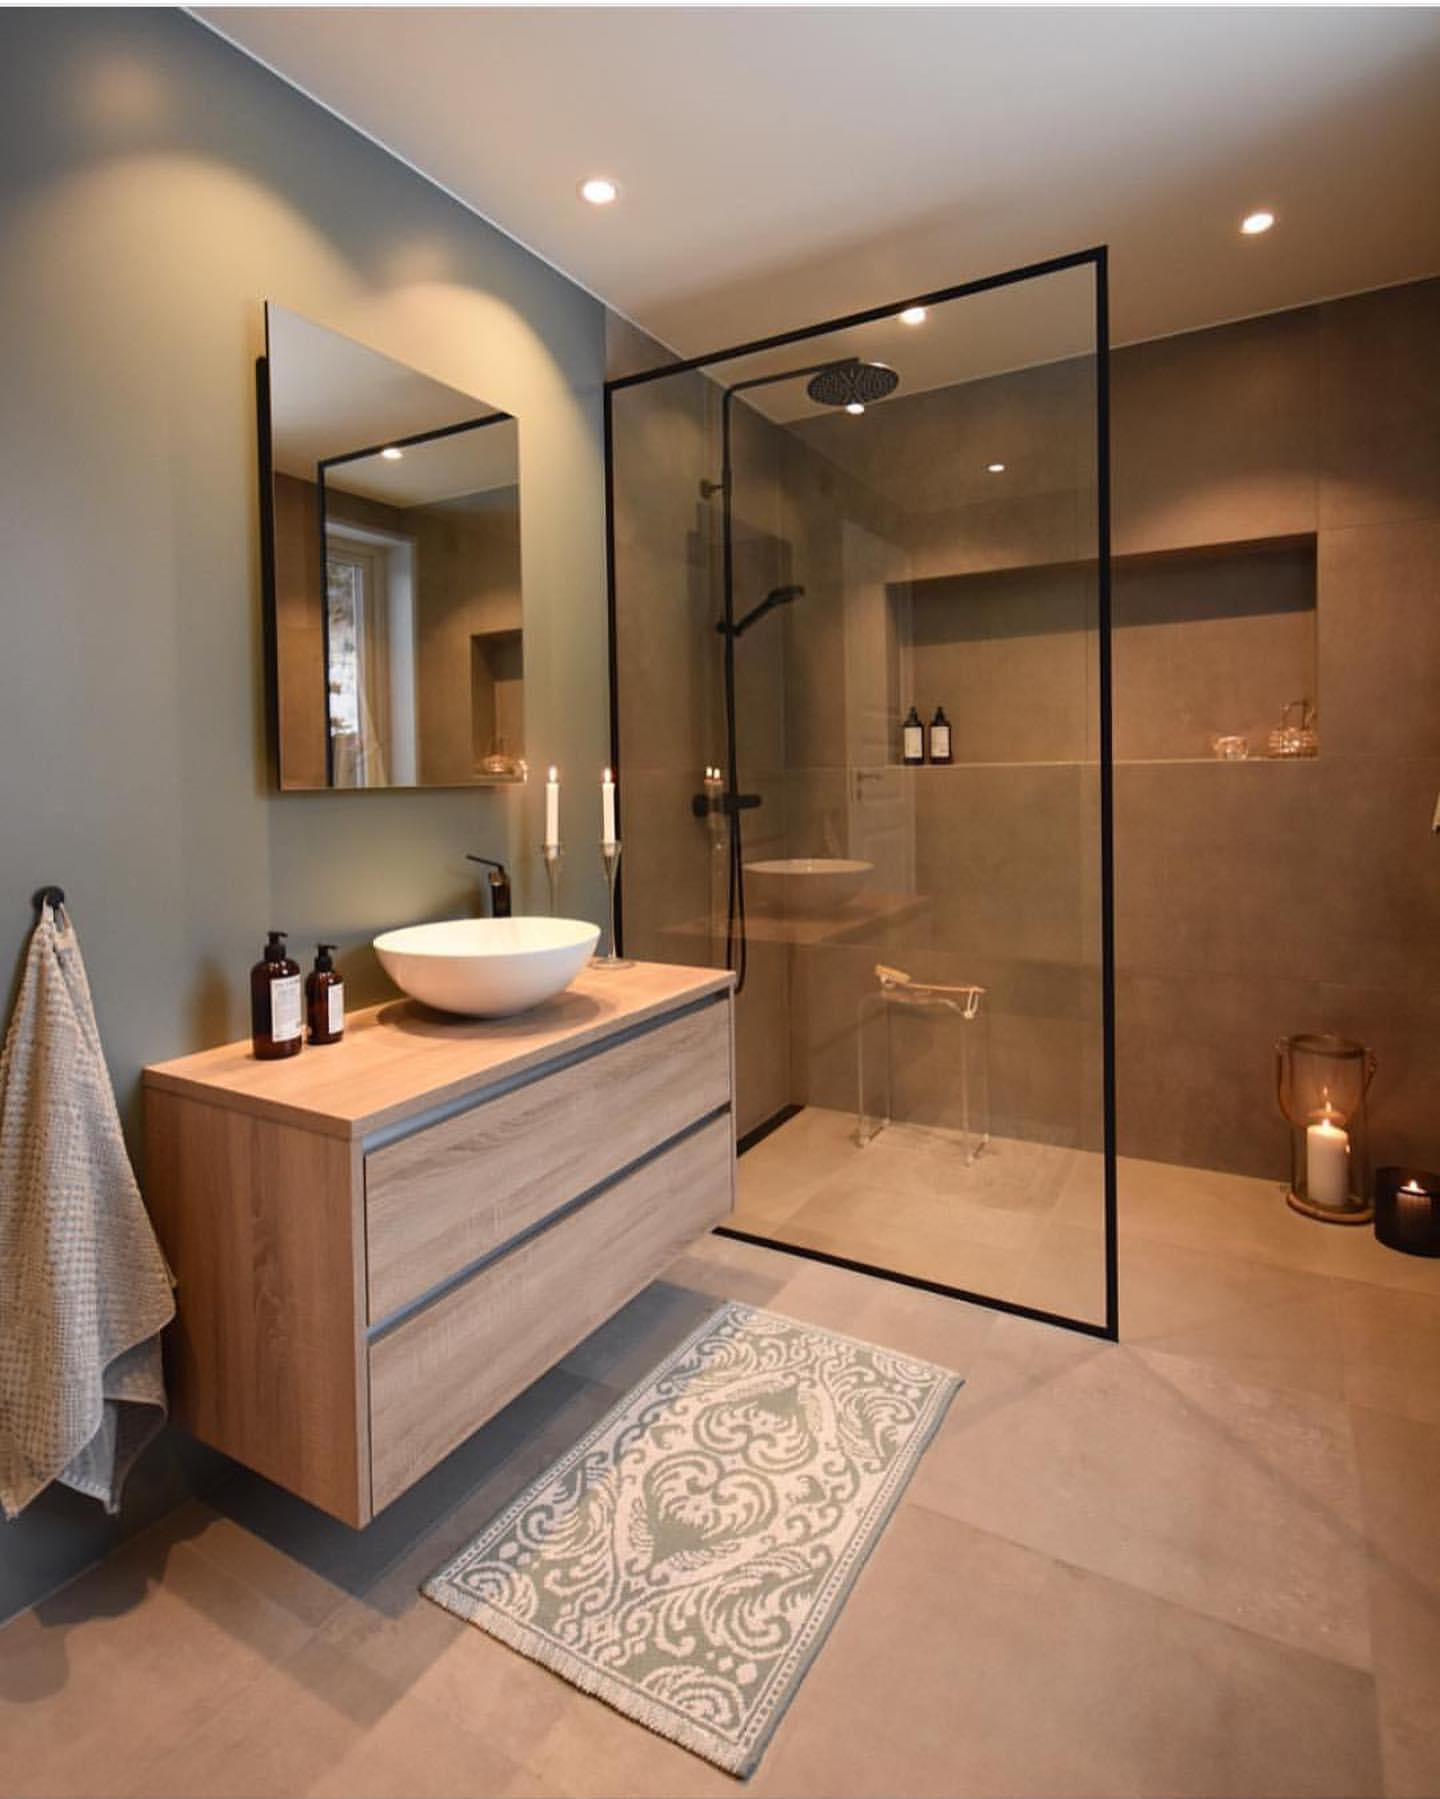 Способы модернизировать вашу ванную комнату фото 3